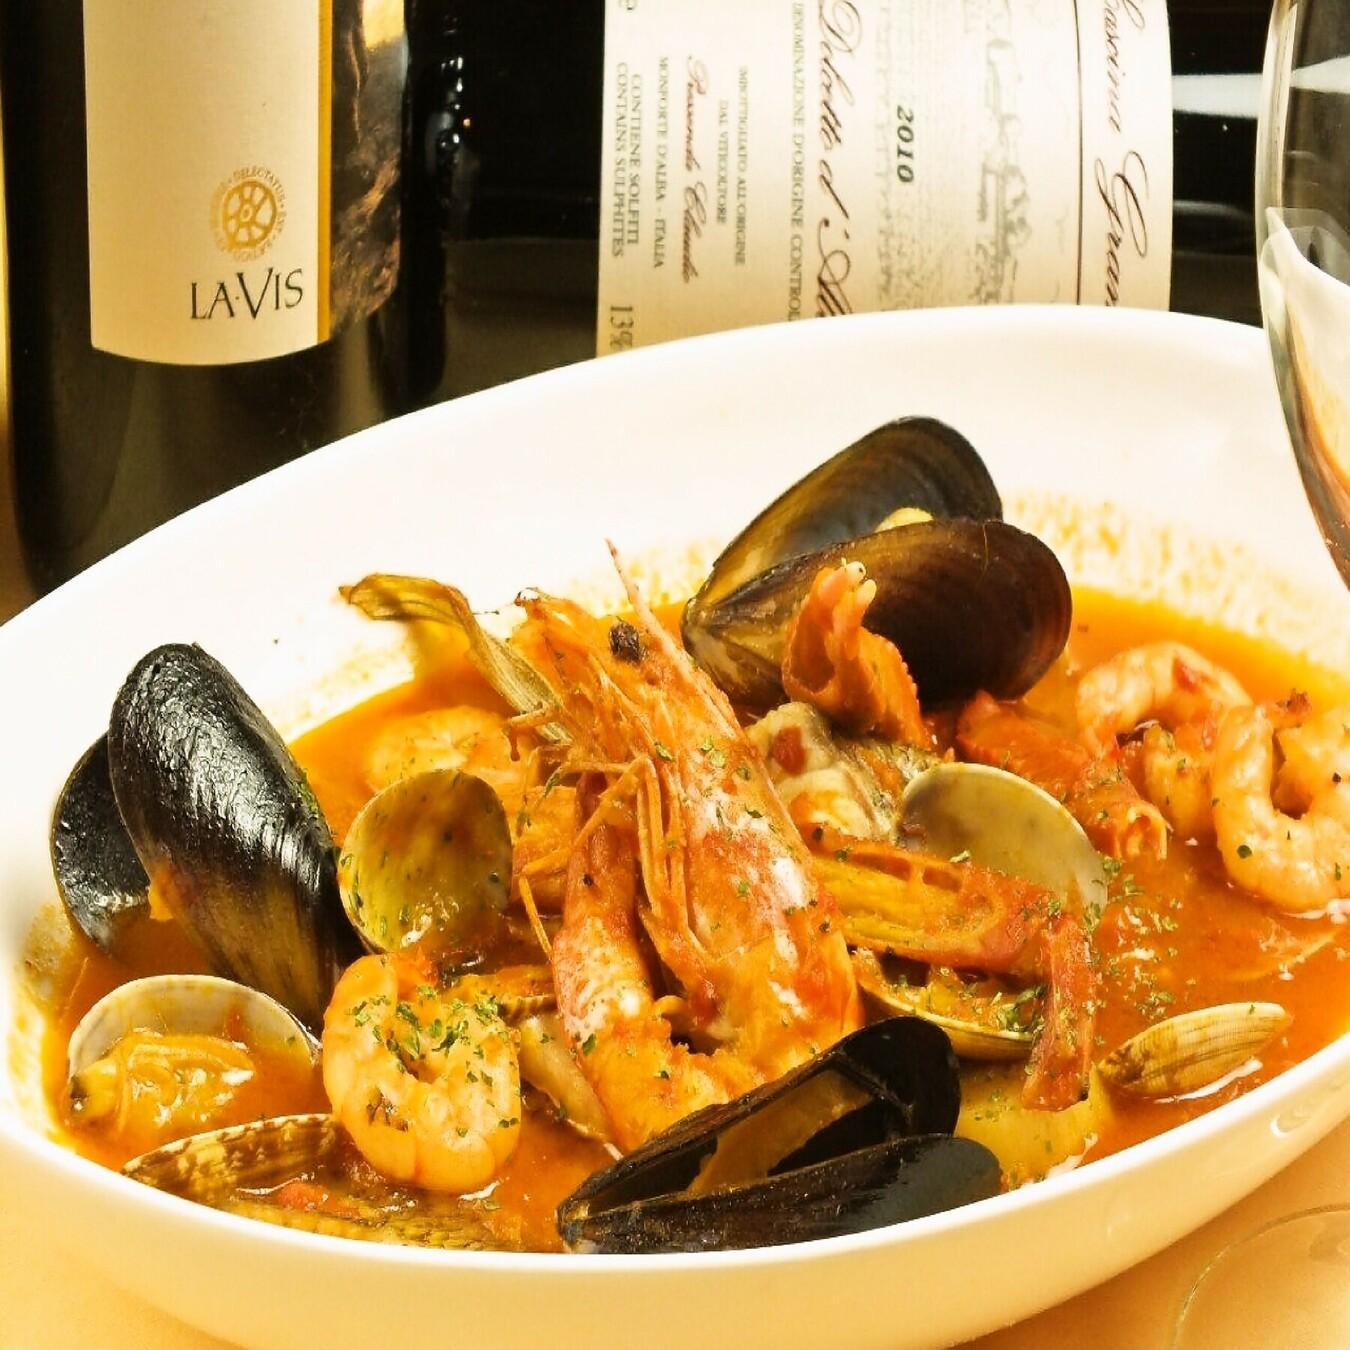 人気メニュー!海老、ムール貝、あさり、白身魚など旬の魚介を使ったスープが絶品のブイヤベース